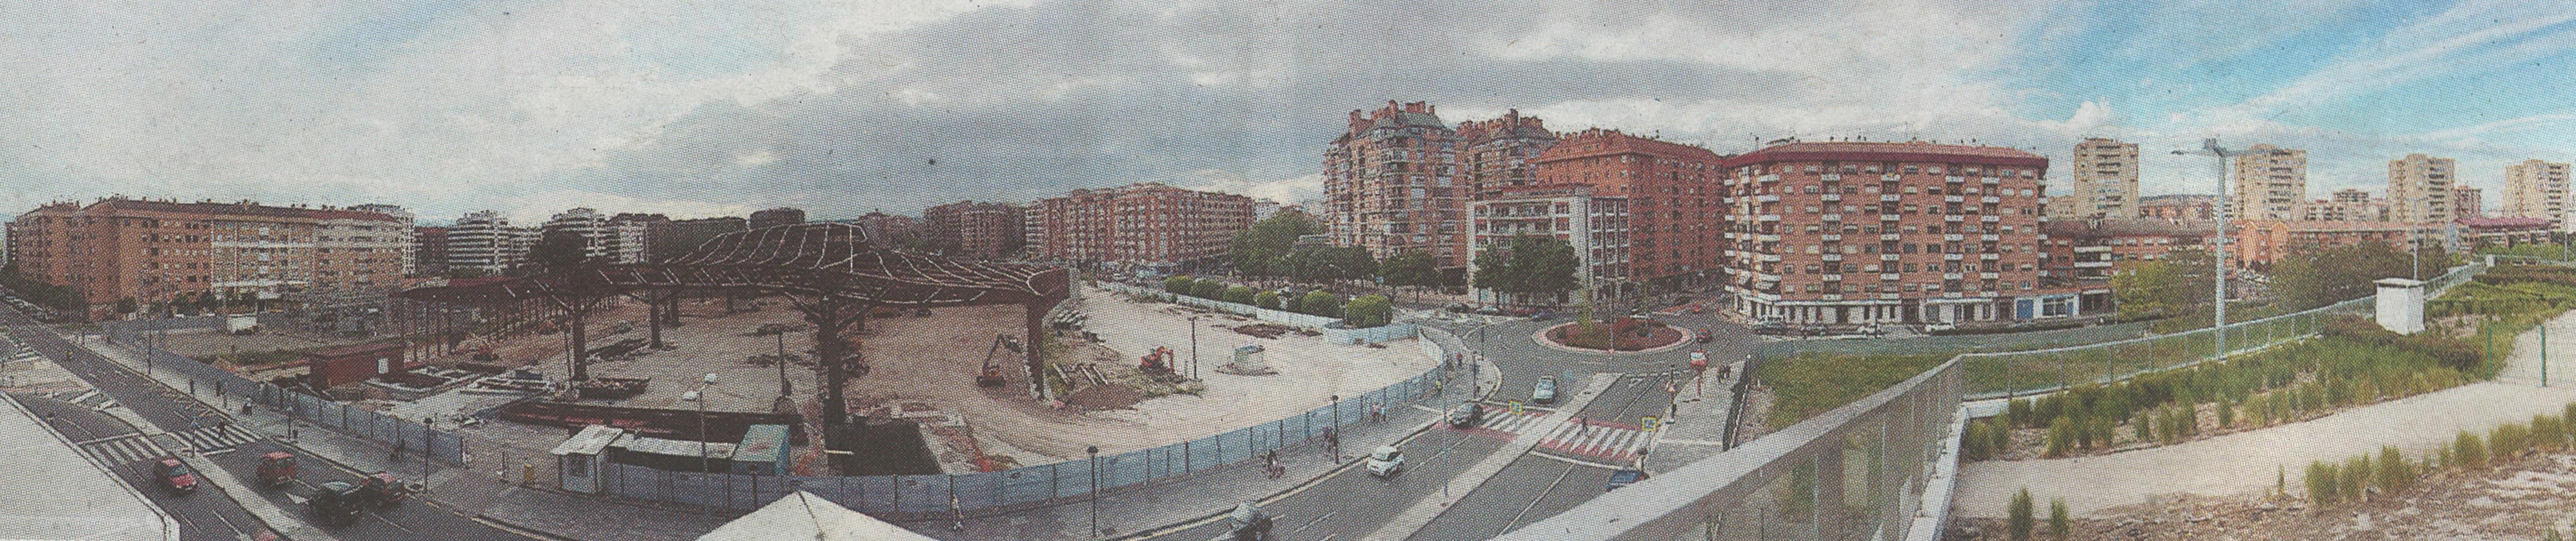 Vista de la obra de la nueva Estación de Autobuses, mayo 2018